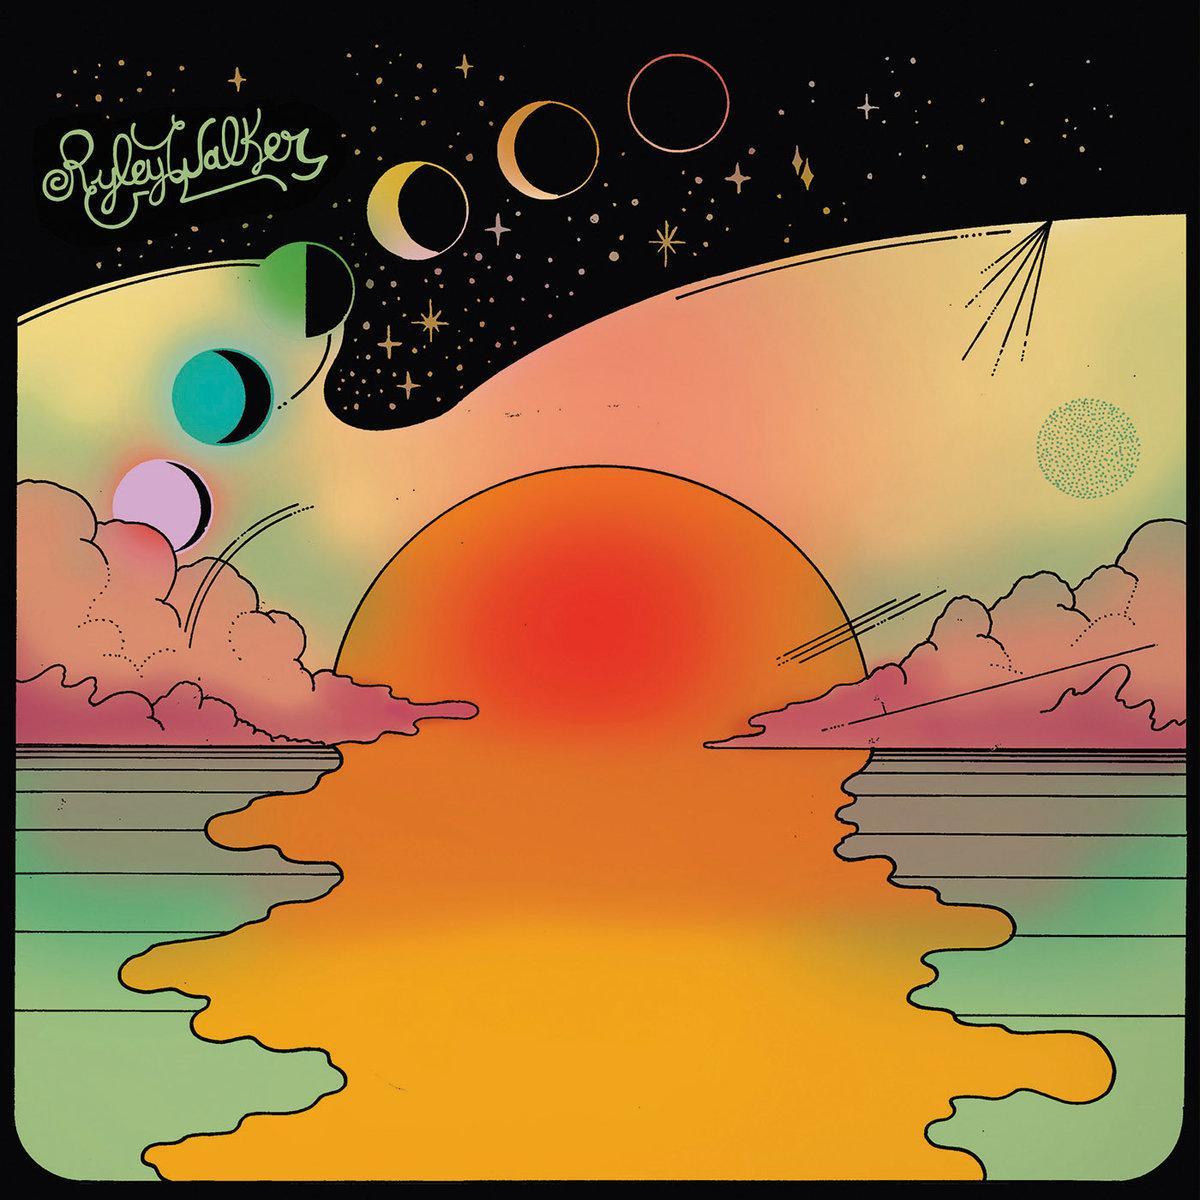 Golden Sings That Have BeenSung(Vinyl)